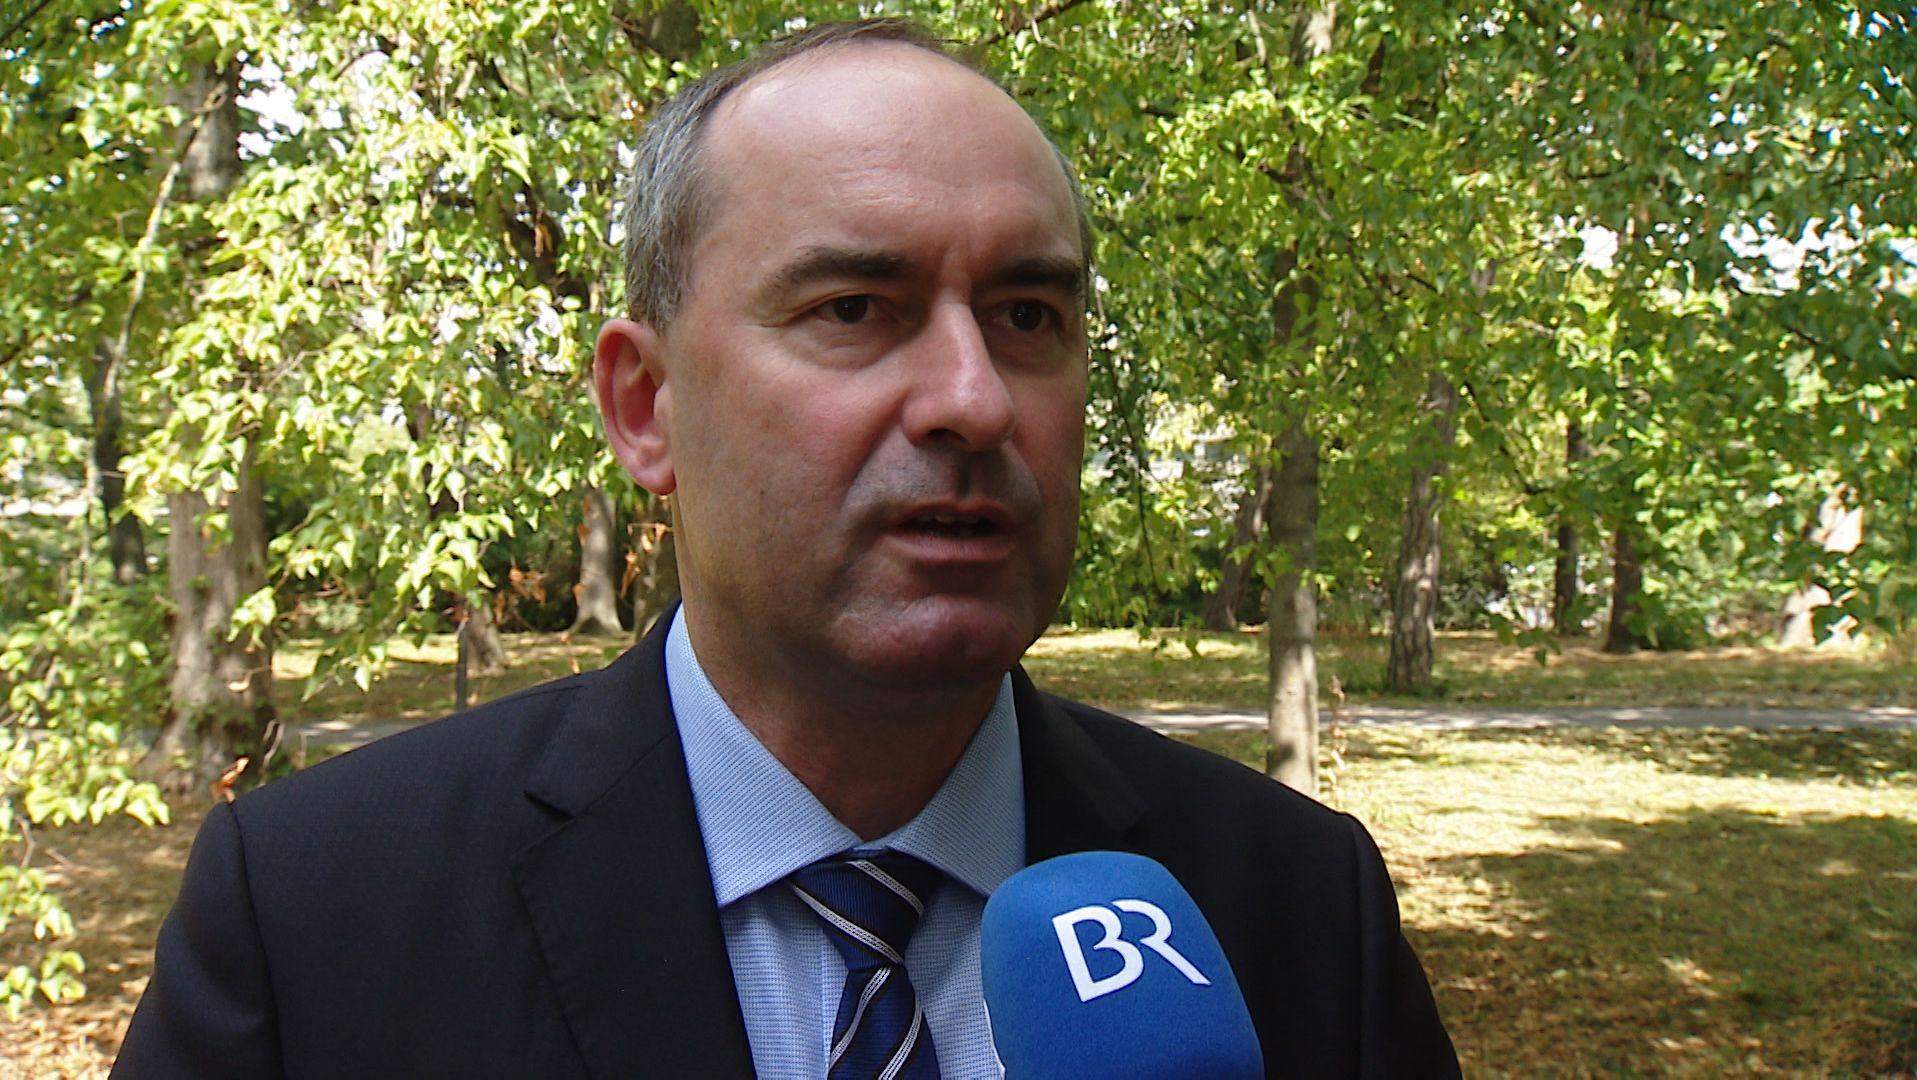 Freie-Wähler-Chef Hubert Aiwanger spricht im BR-Interview über Umweltpolitik.